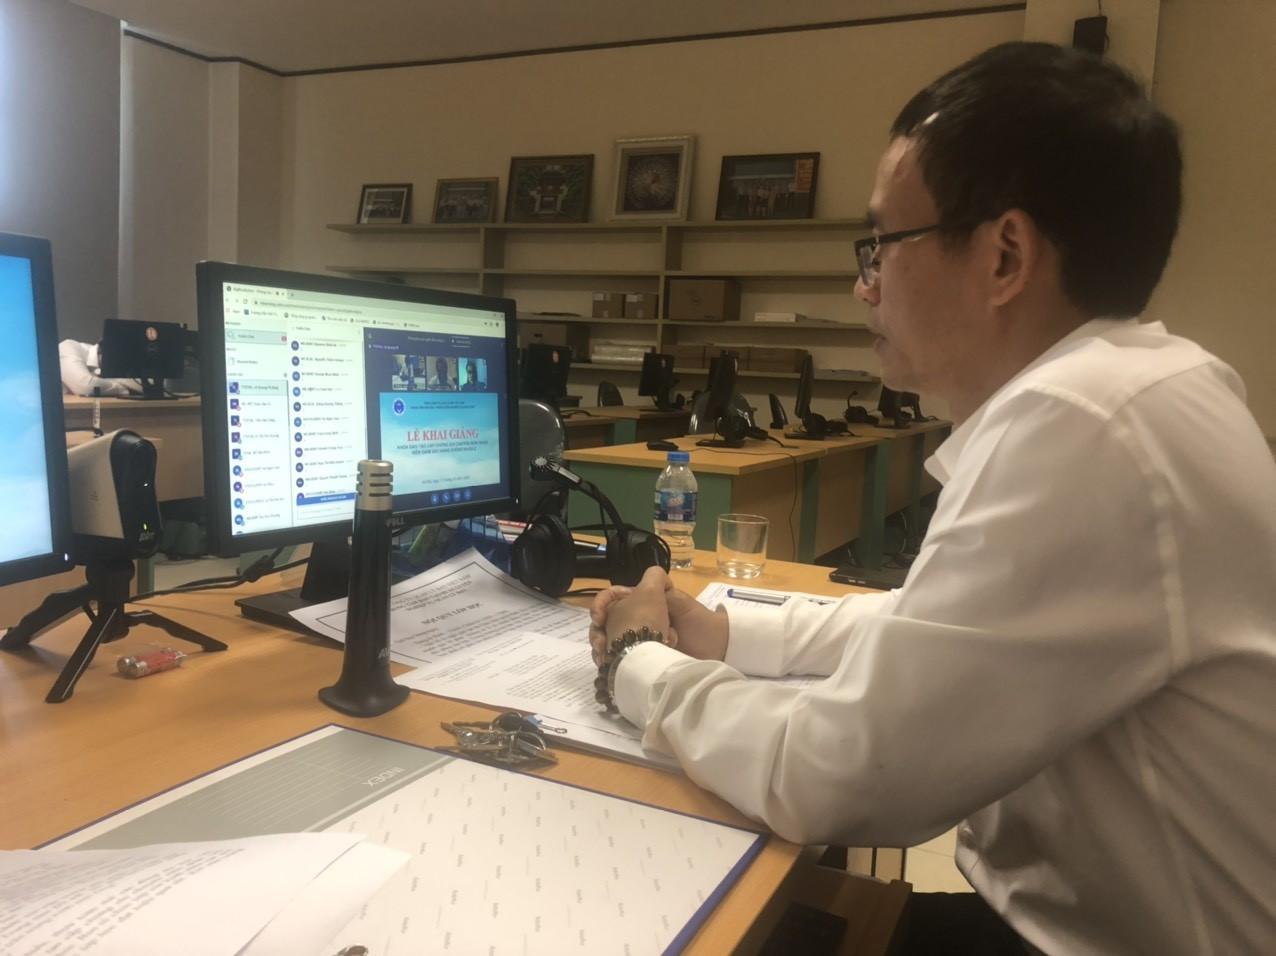 Trung tâm Đào tạo - Huấn luyện nghiệp vụ Quản lý bay tổ chức khai giảng khóa đào tạo cấp CCCM nhân viên Xử lý dữ liệu hàng không năm 2020